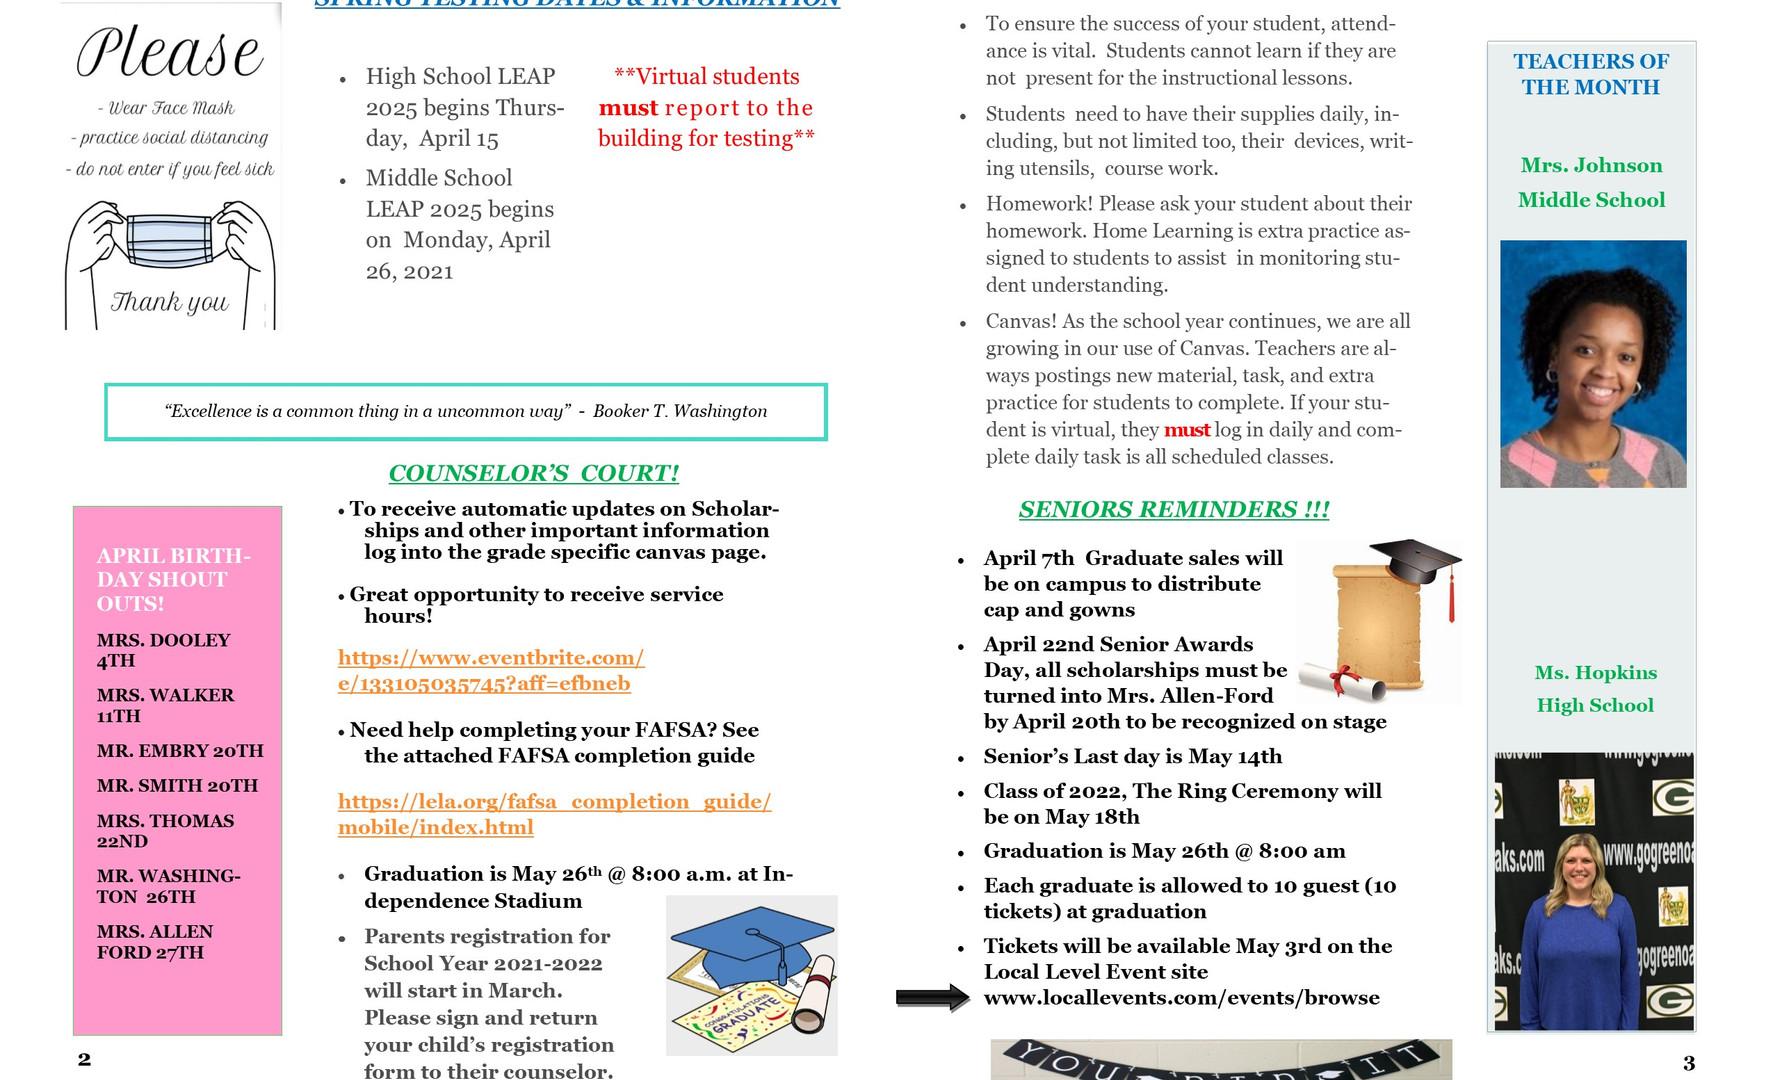 FINAL April Newsletter 2021 S2.jpg